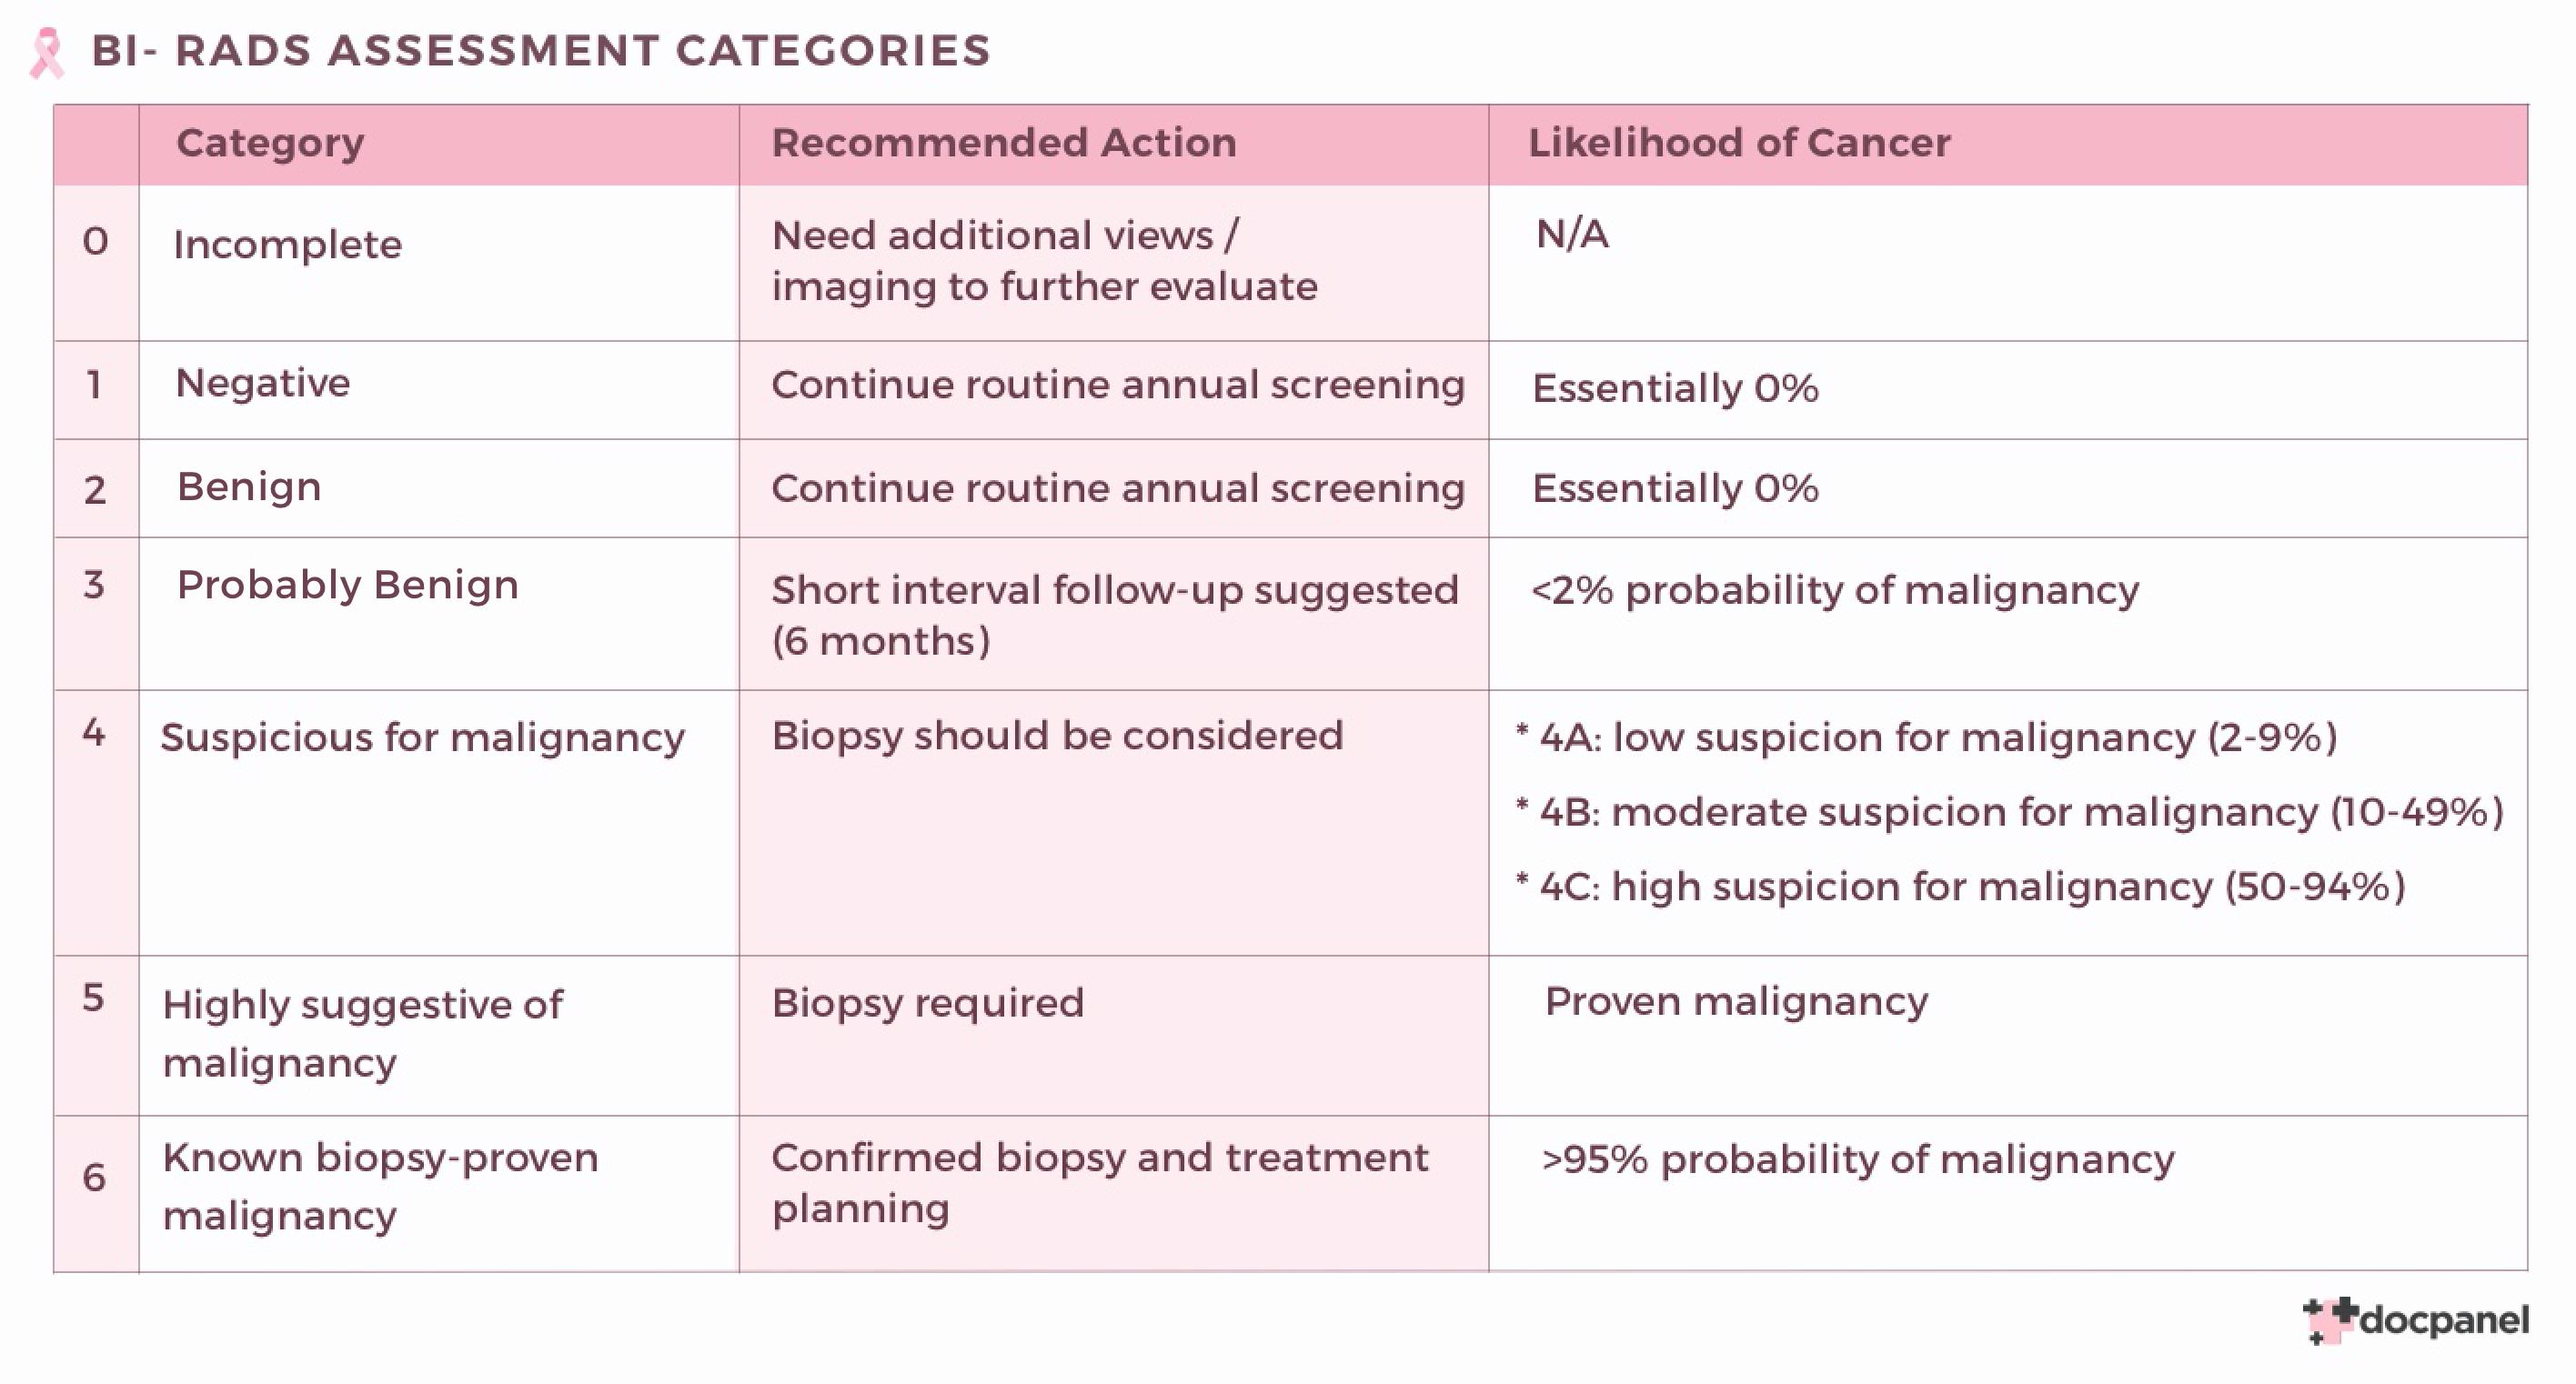 BIRAD-Categories.png